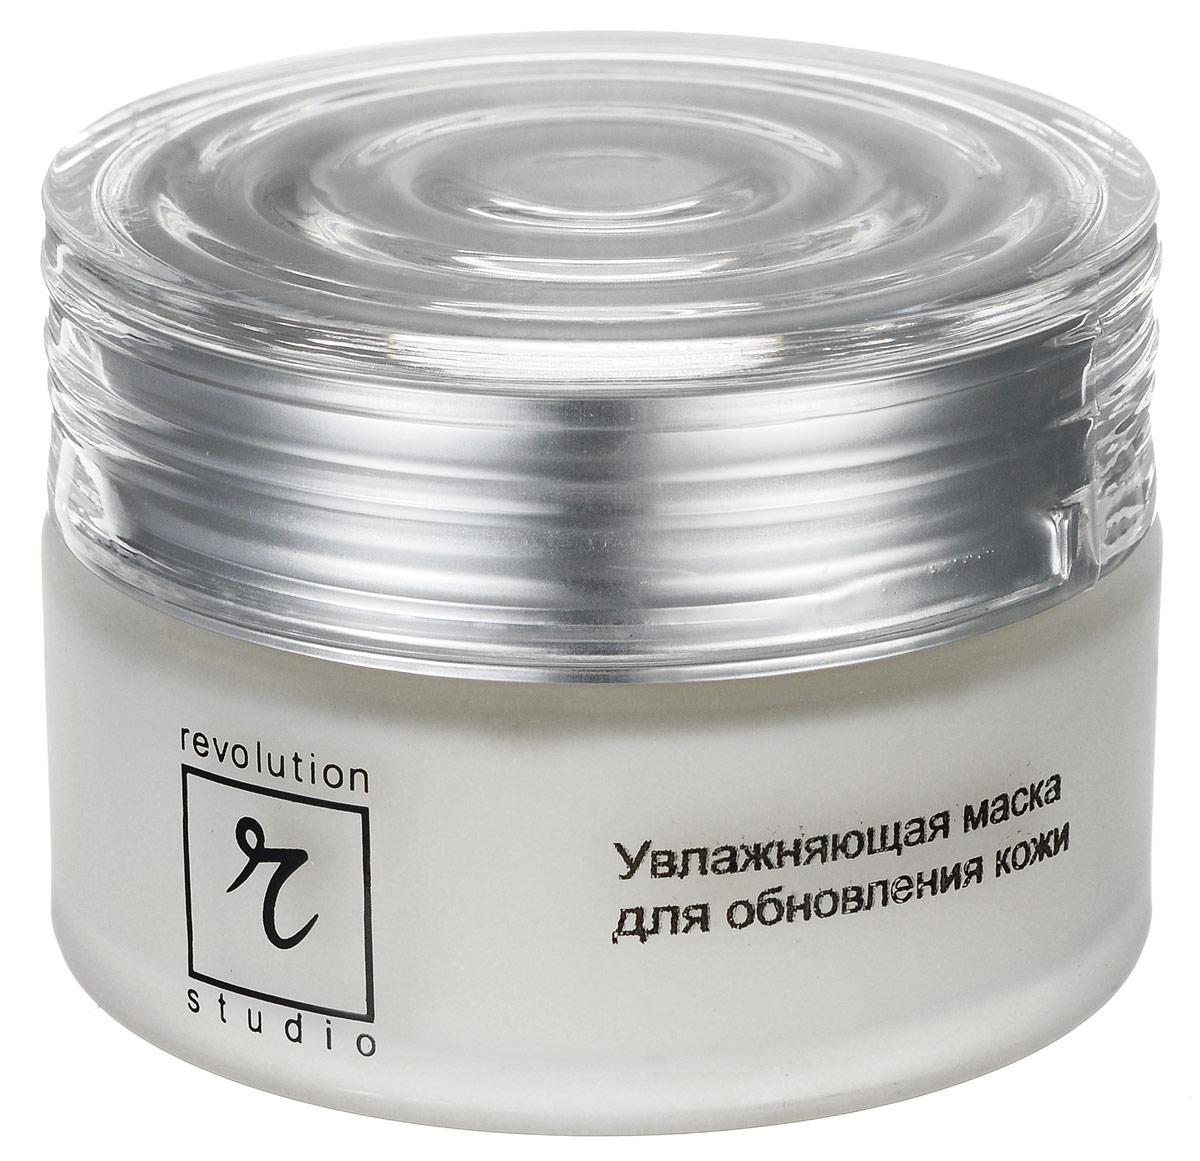 R-Studio Маска энергетическая для обновления кожи 50 мл r studio очищающая маска с белой глиной r studio 2682 50 мл